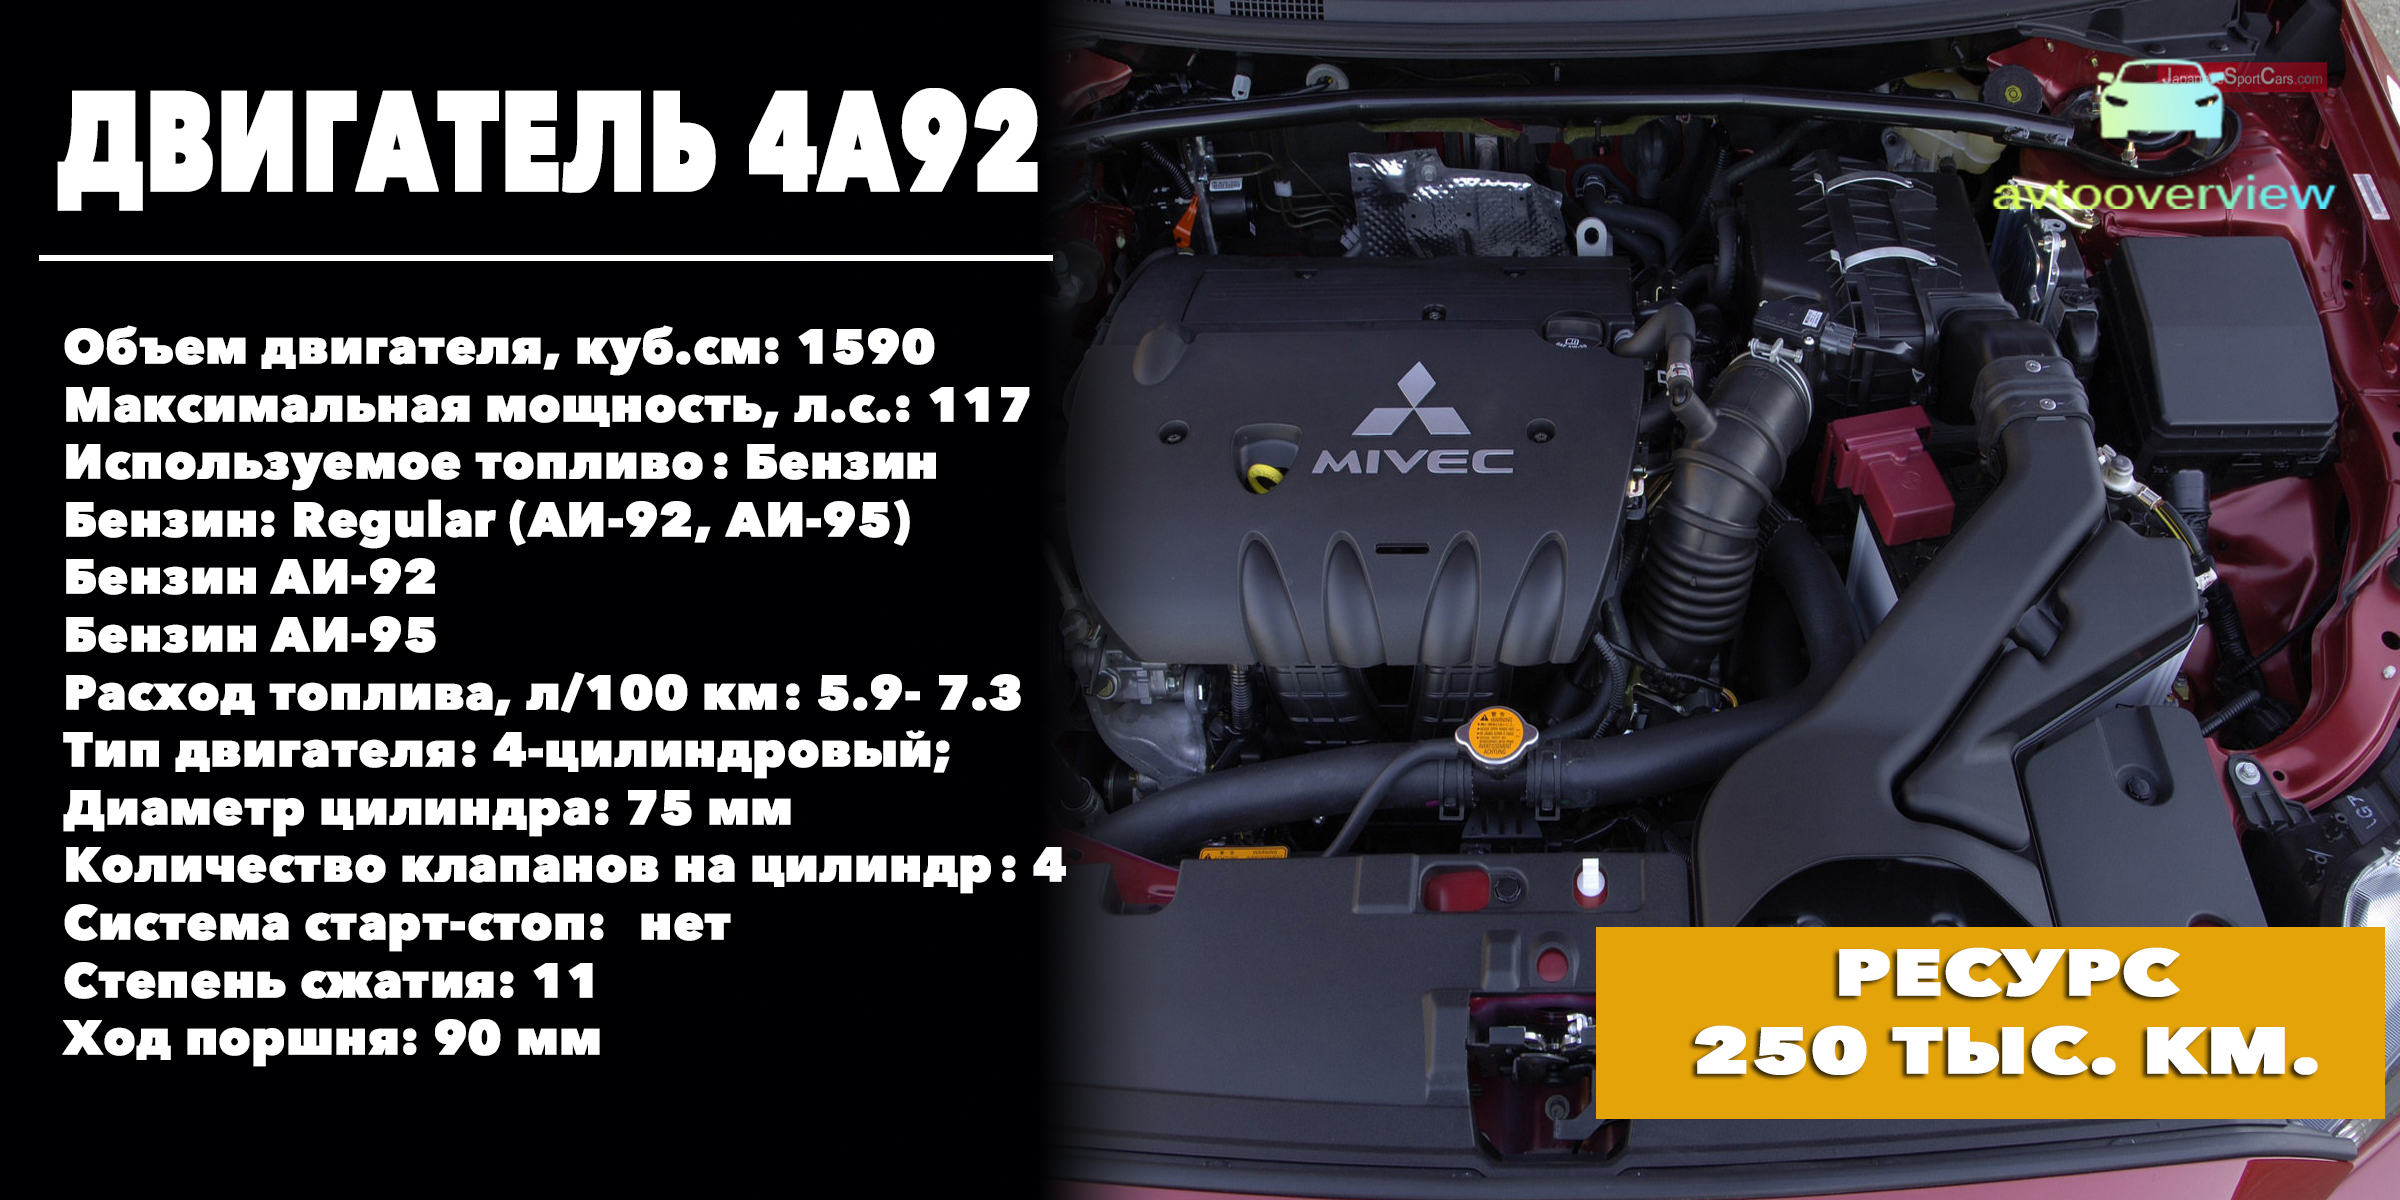 1.6-литровый 4А92: сколько ходит?